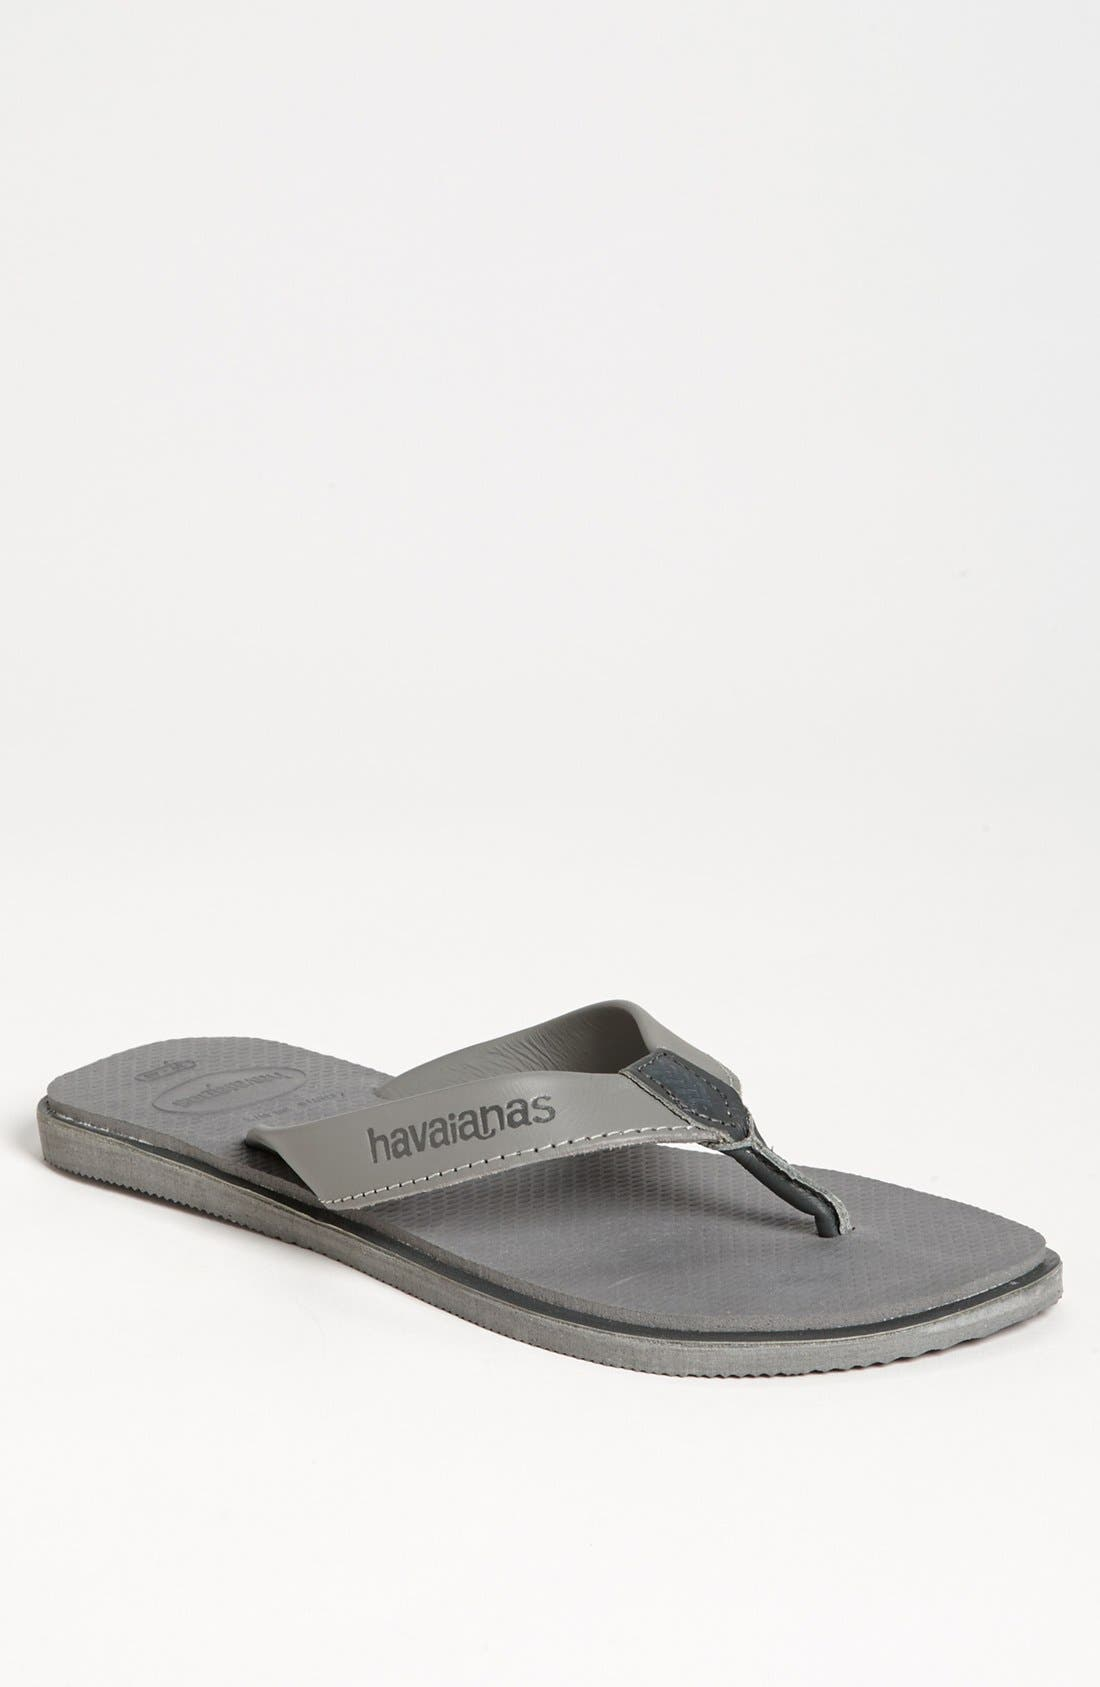 Main Image - Havianas 'Urban Premium' Flip Flop (Men)